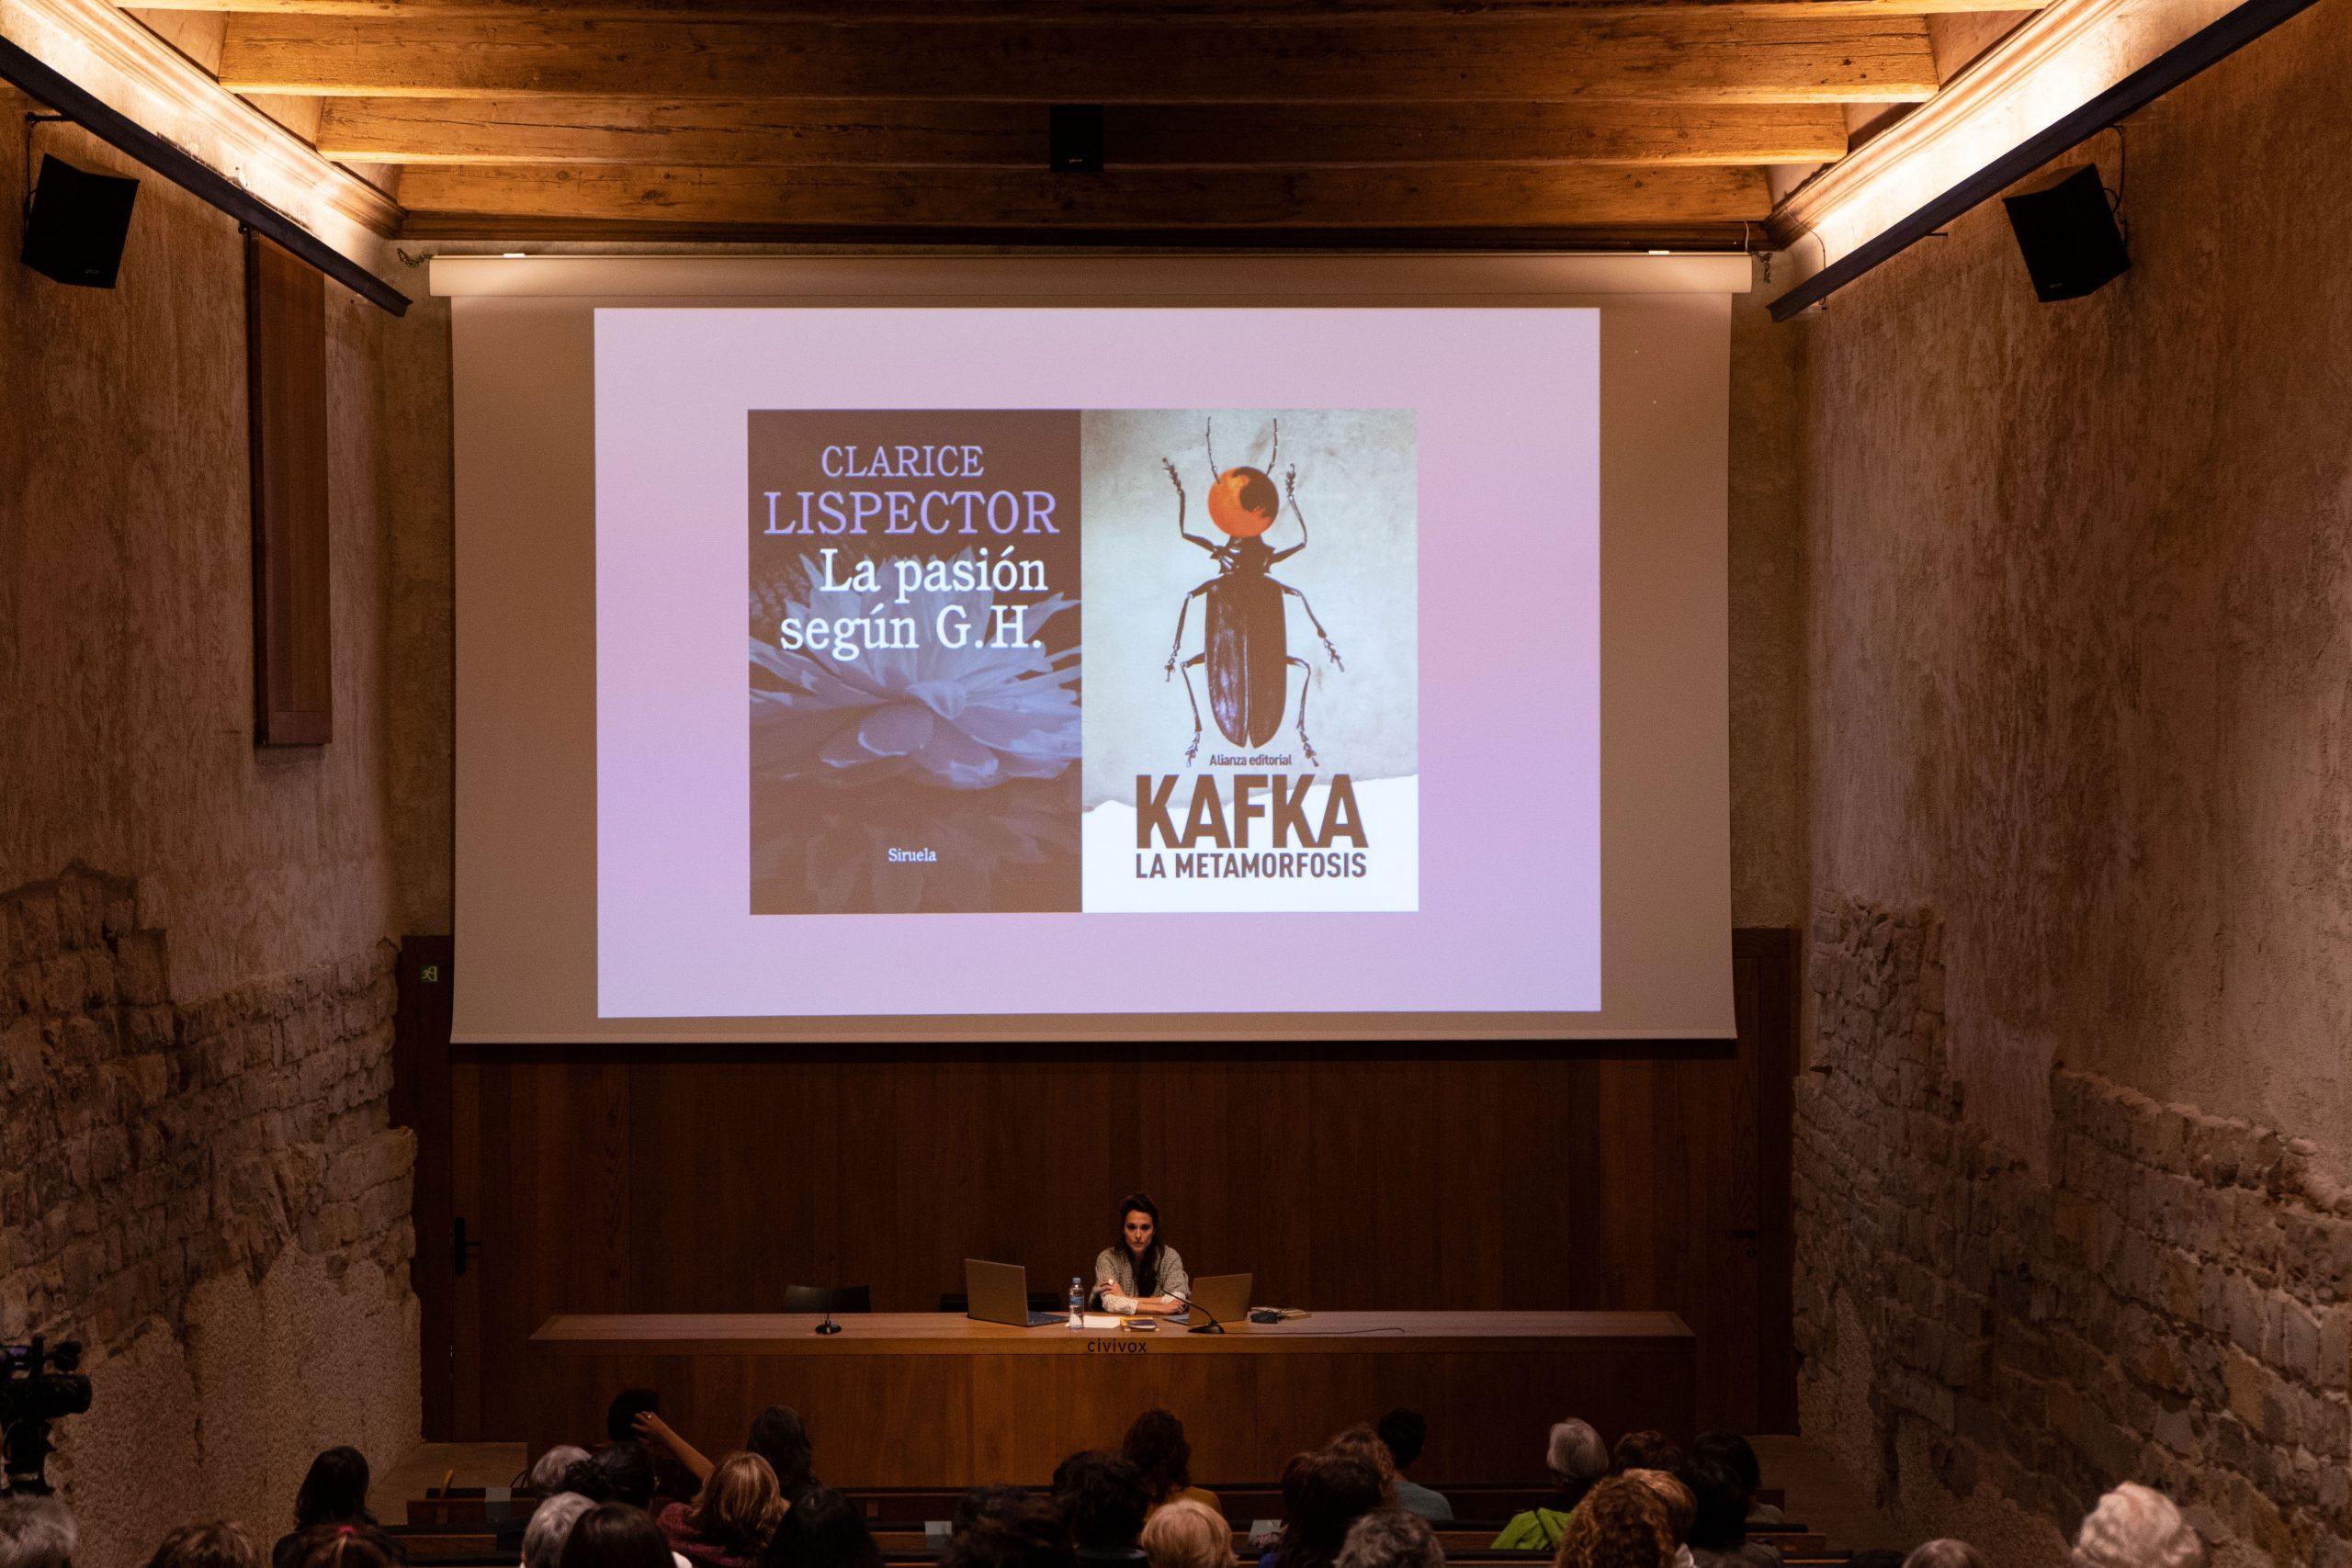 Plano general de una sala con la proyección de un libro de Clarice Lispector y Kafka y con Florencia del Campo en la mesa de ponencia.